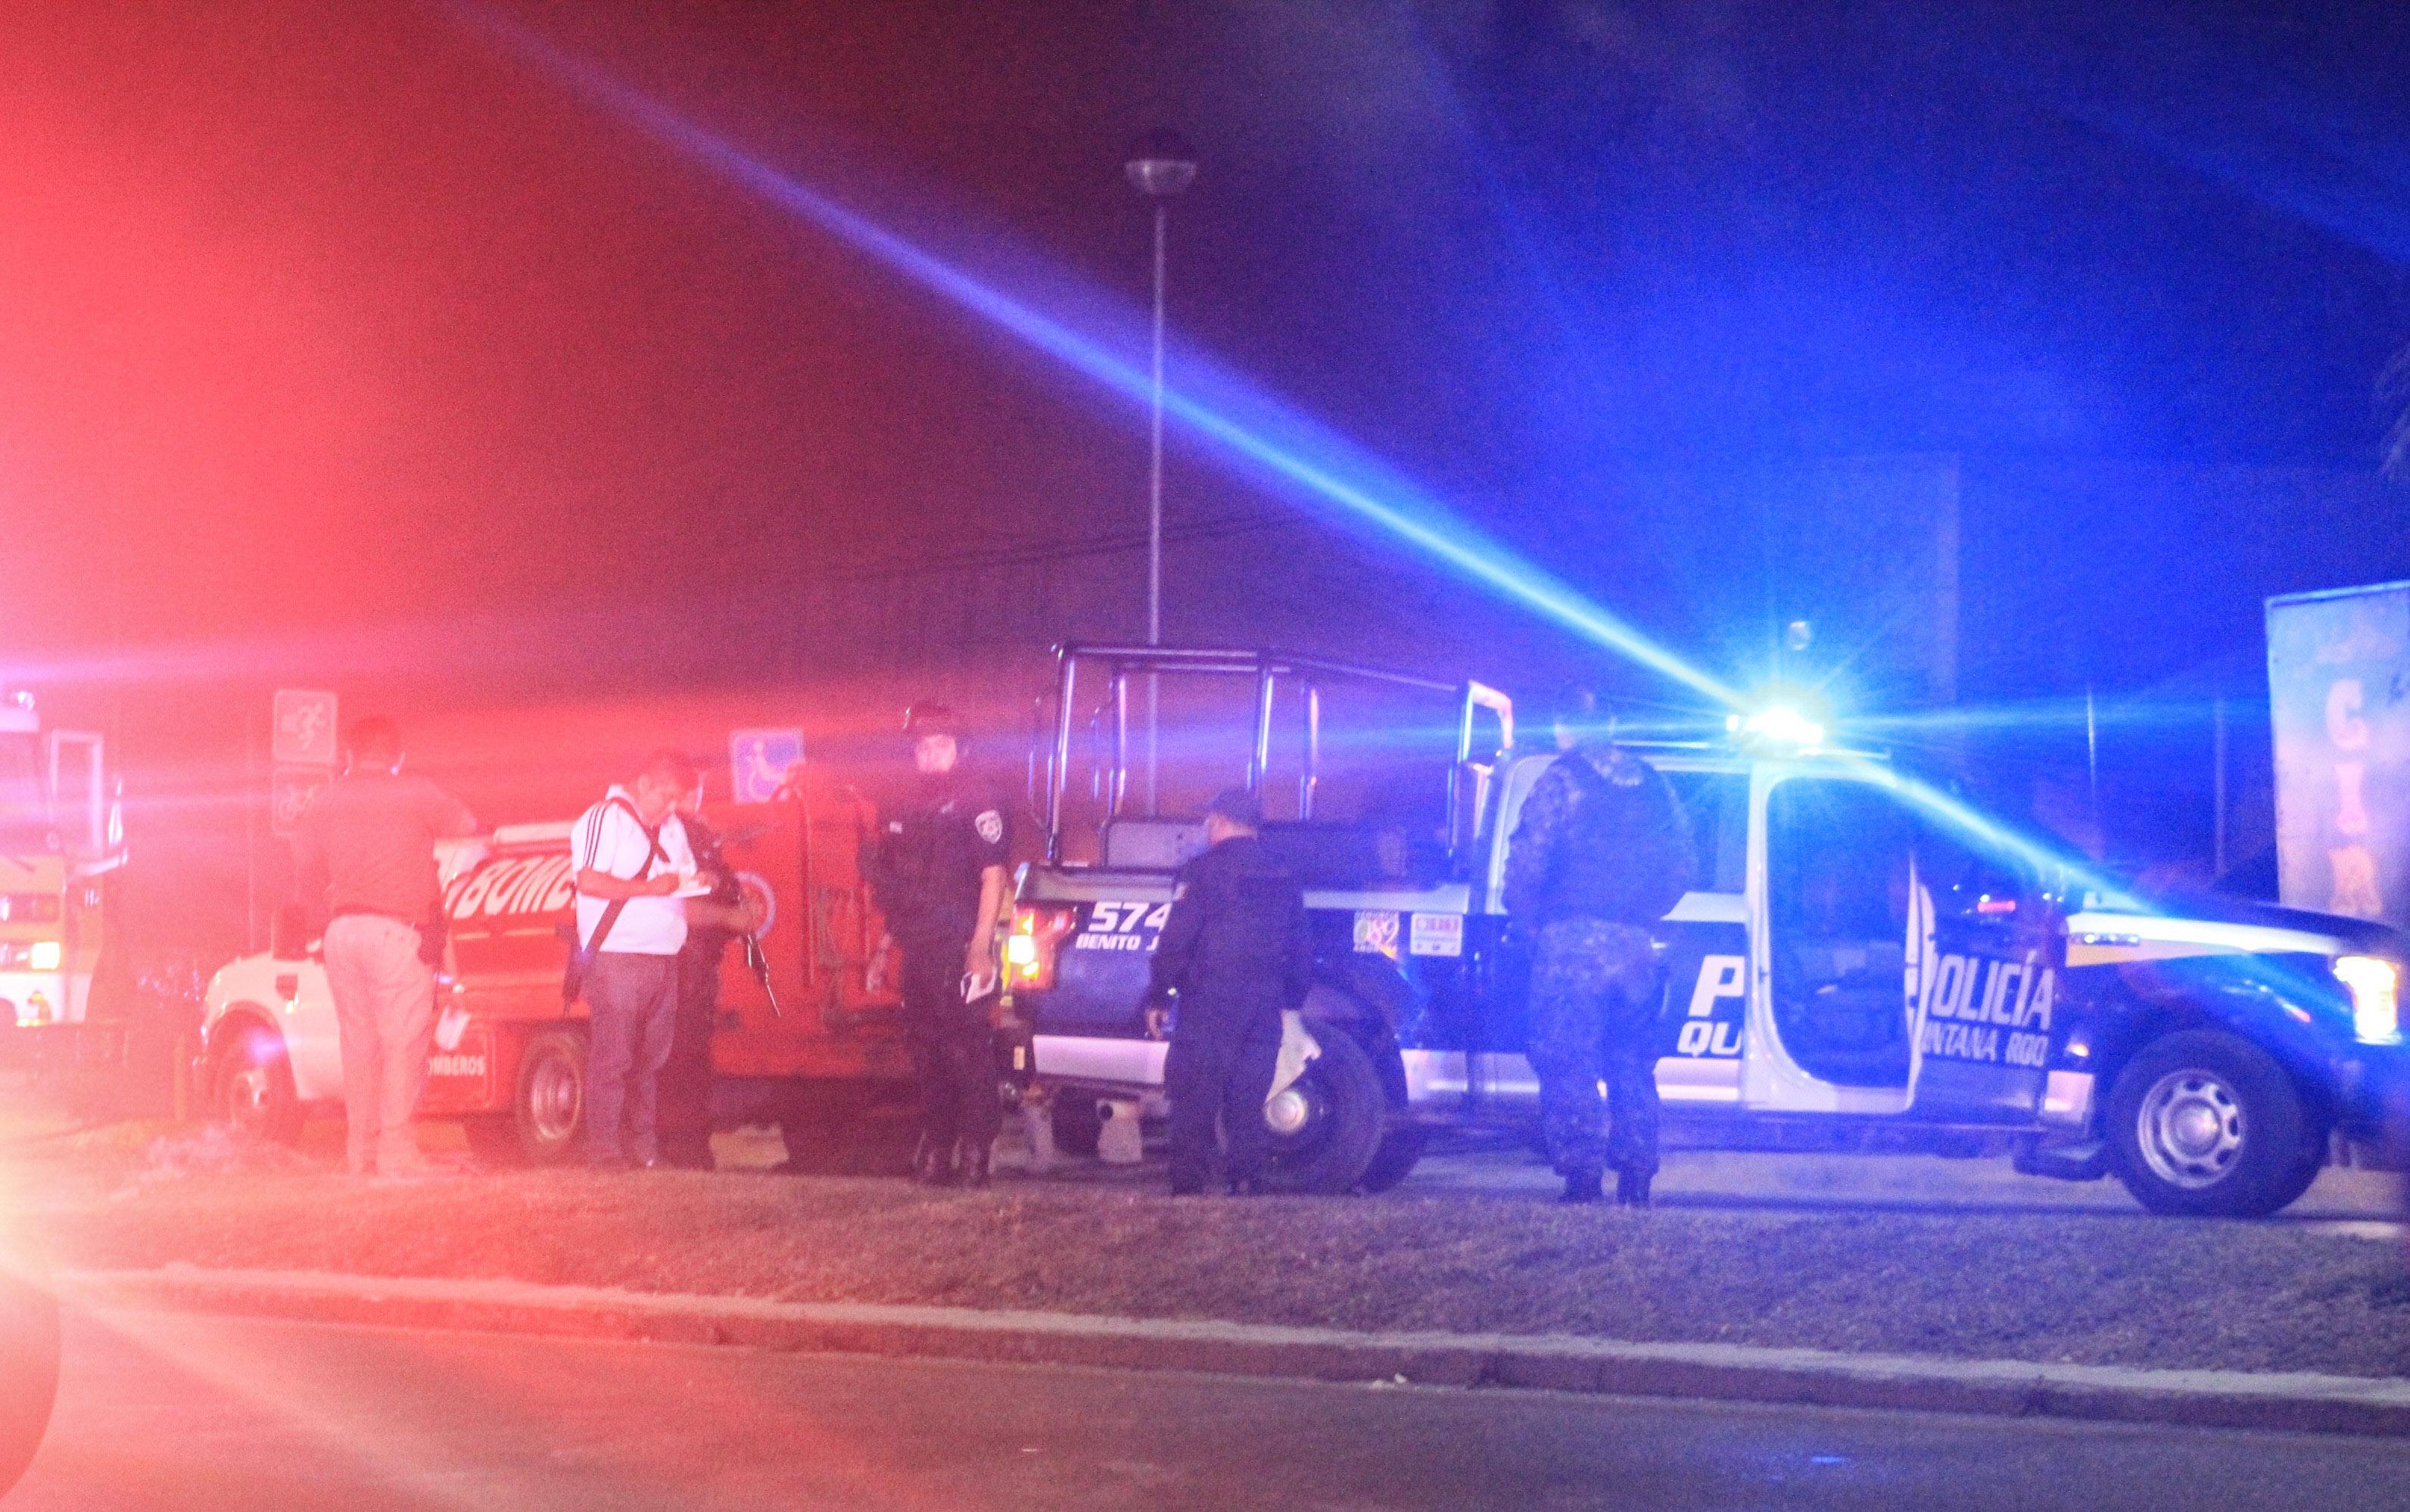 CANCÚN, QUINTANA ROO, 03ABRIL2019.- Un comando armado disparó e incendió una arrendadora de autos de lujo sobre el Boulevard Colosio, sin que se reportaran heridos, sólo daños materiales